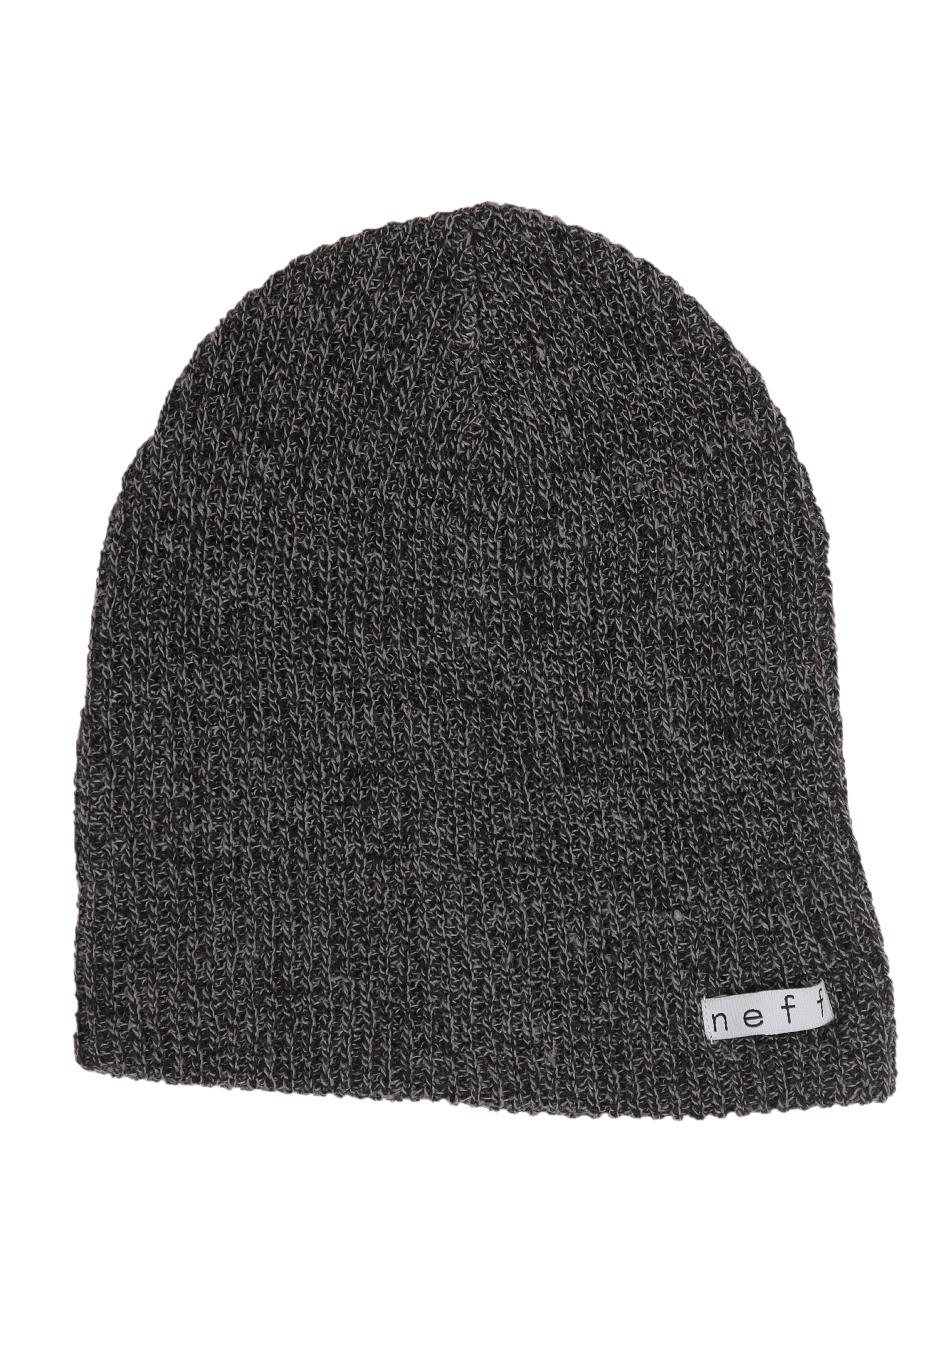 7622af4caa1 Neff - Daily Heather Black Grey - Beanie - Streetwear Shop - Impericon.com  US